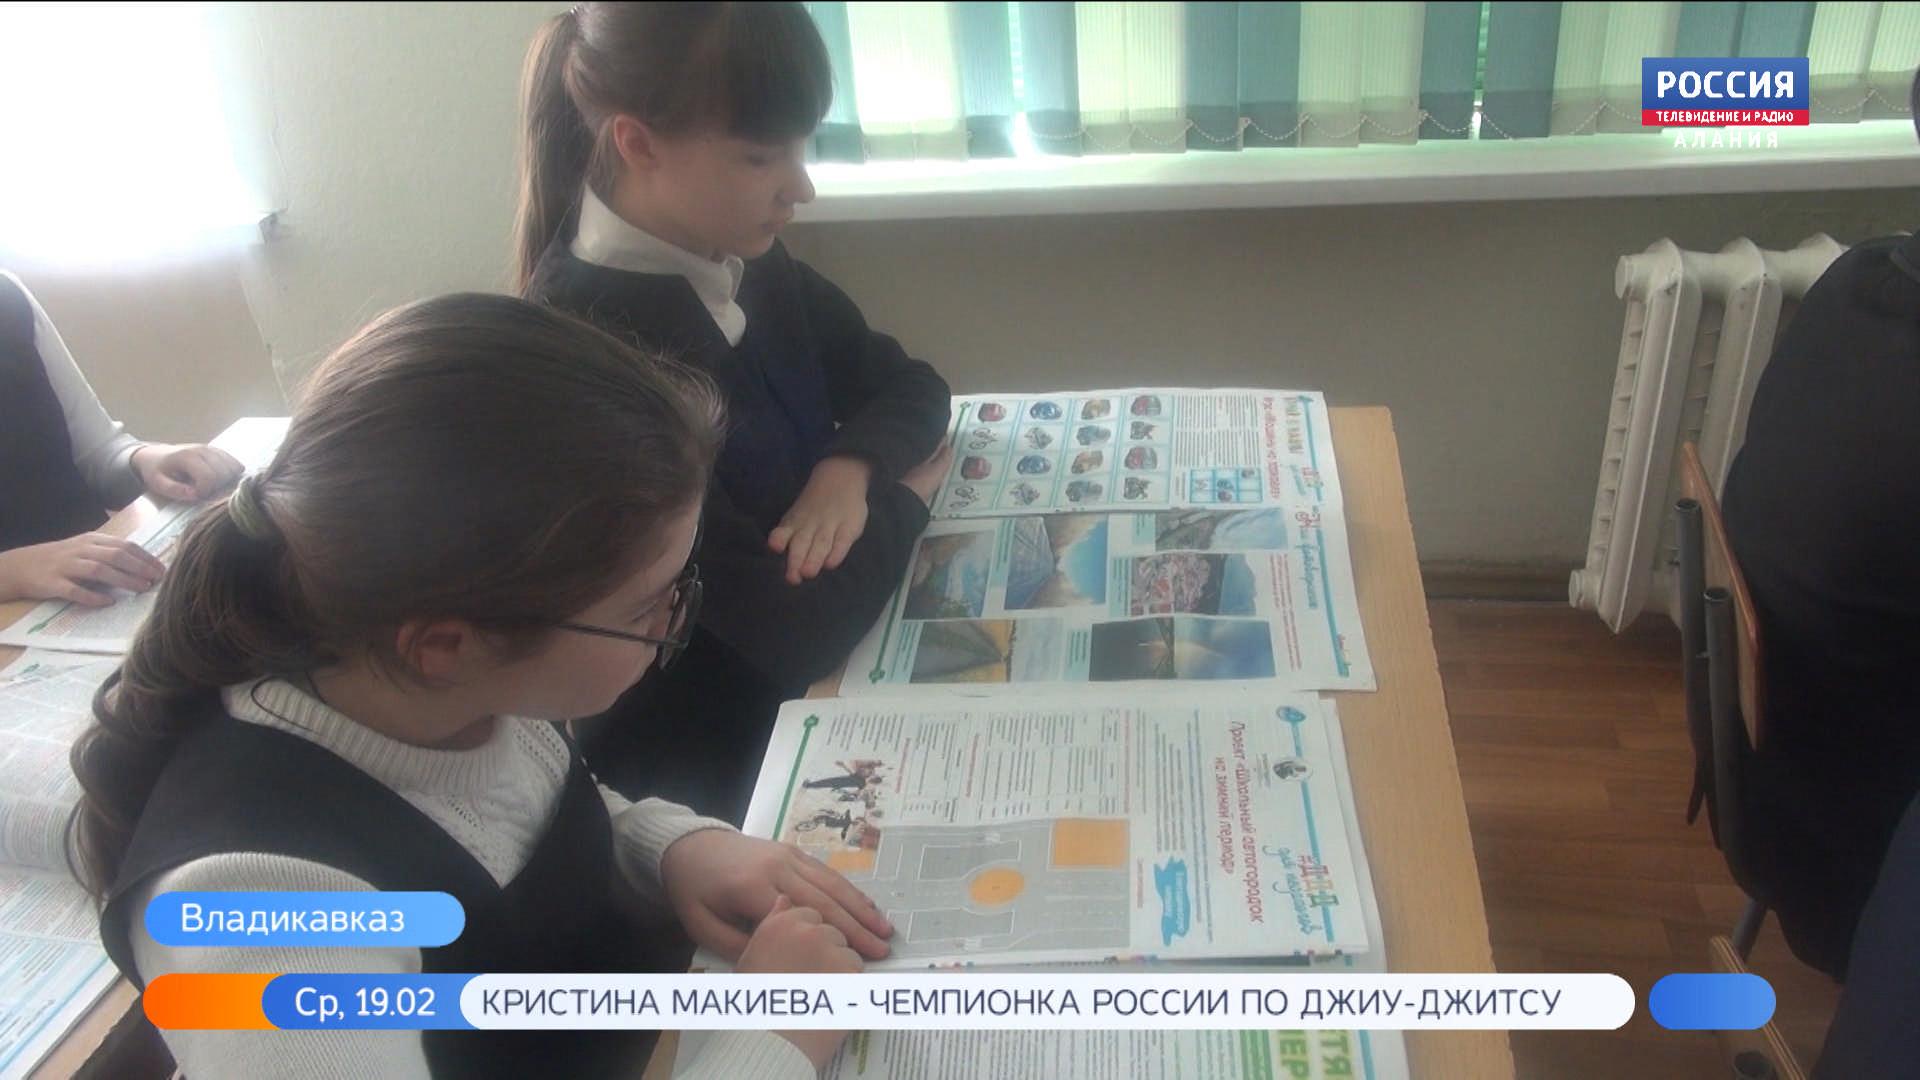 Сотрудники Госавтоинспекции напомнили школьникам основные правила поведения на дорогах